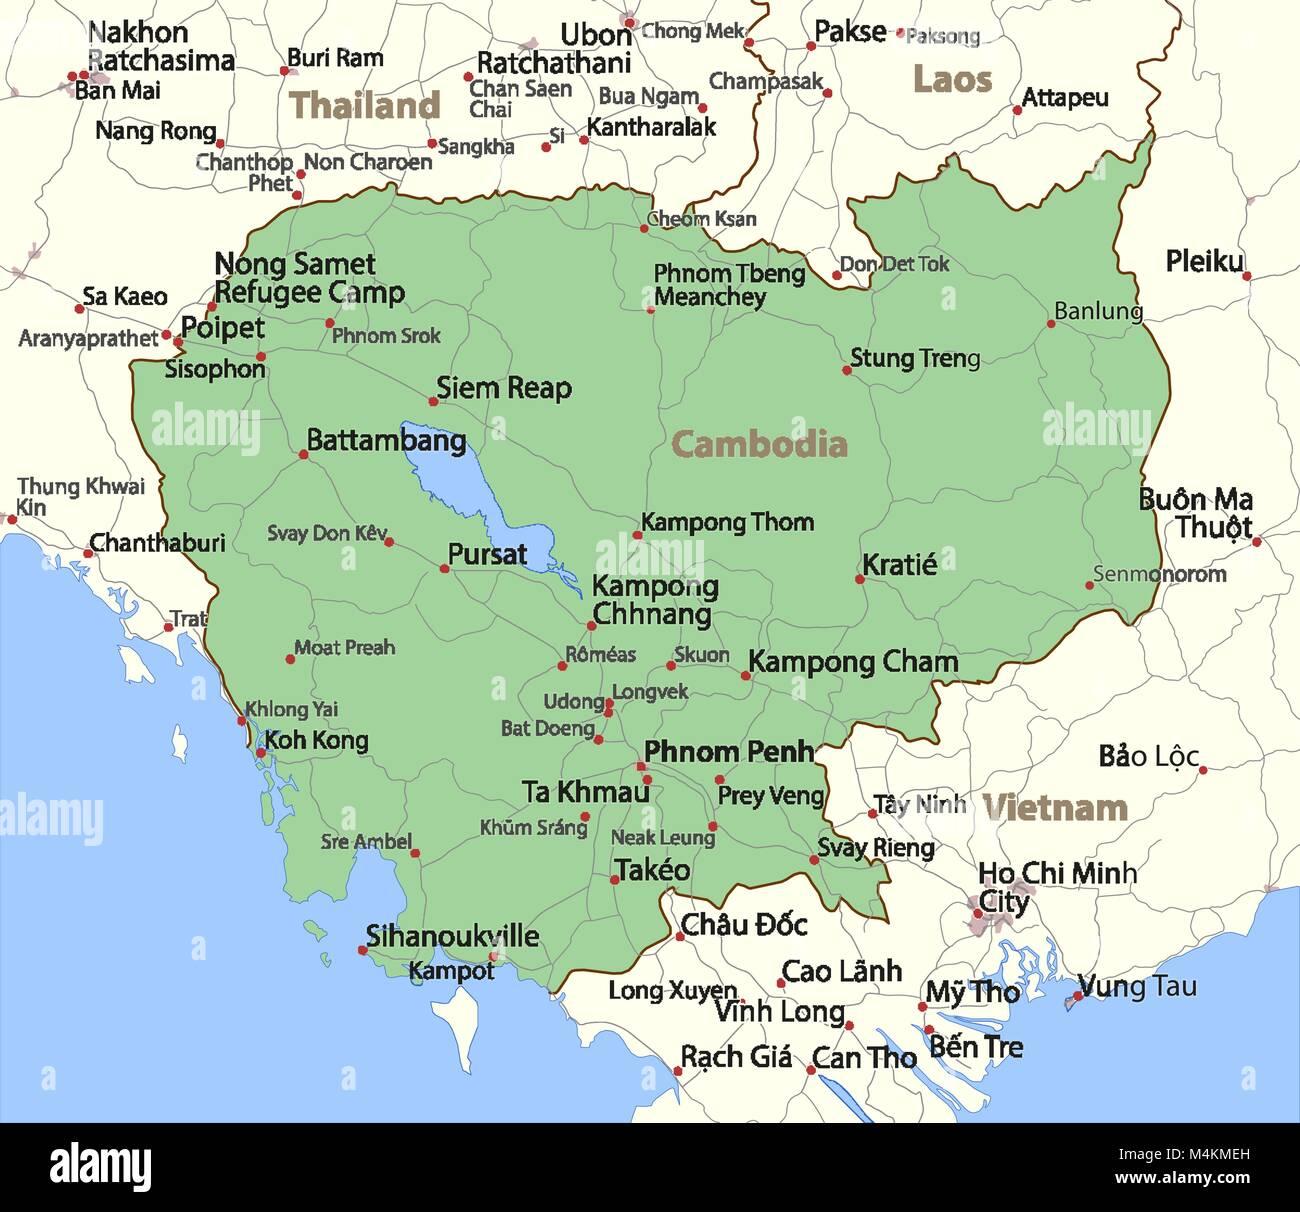 Kambodscha Karte.Karte Von Kambodscha Zeigt Die Landergrenzen Stadtischen